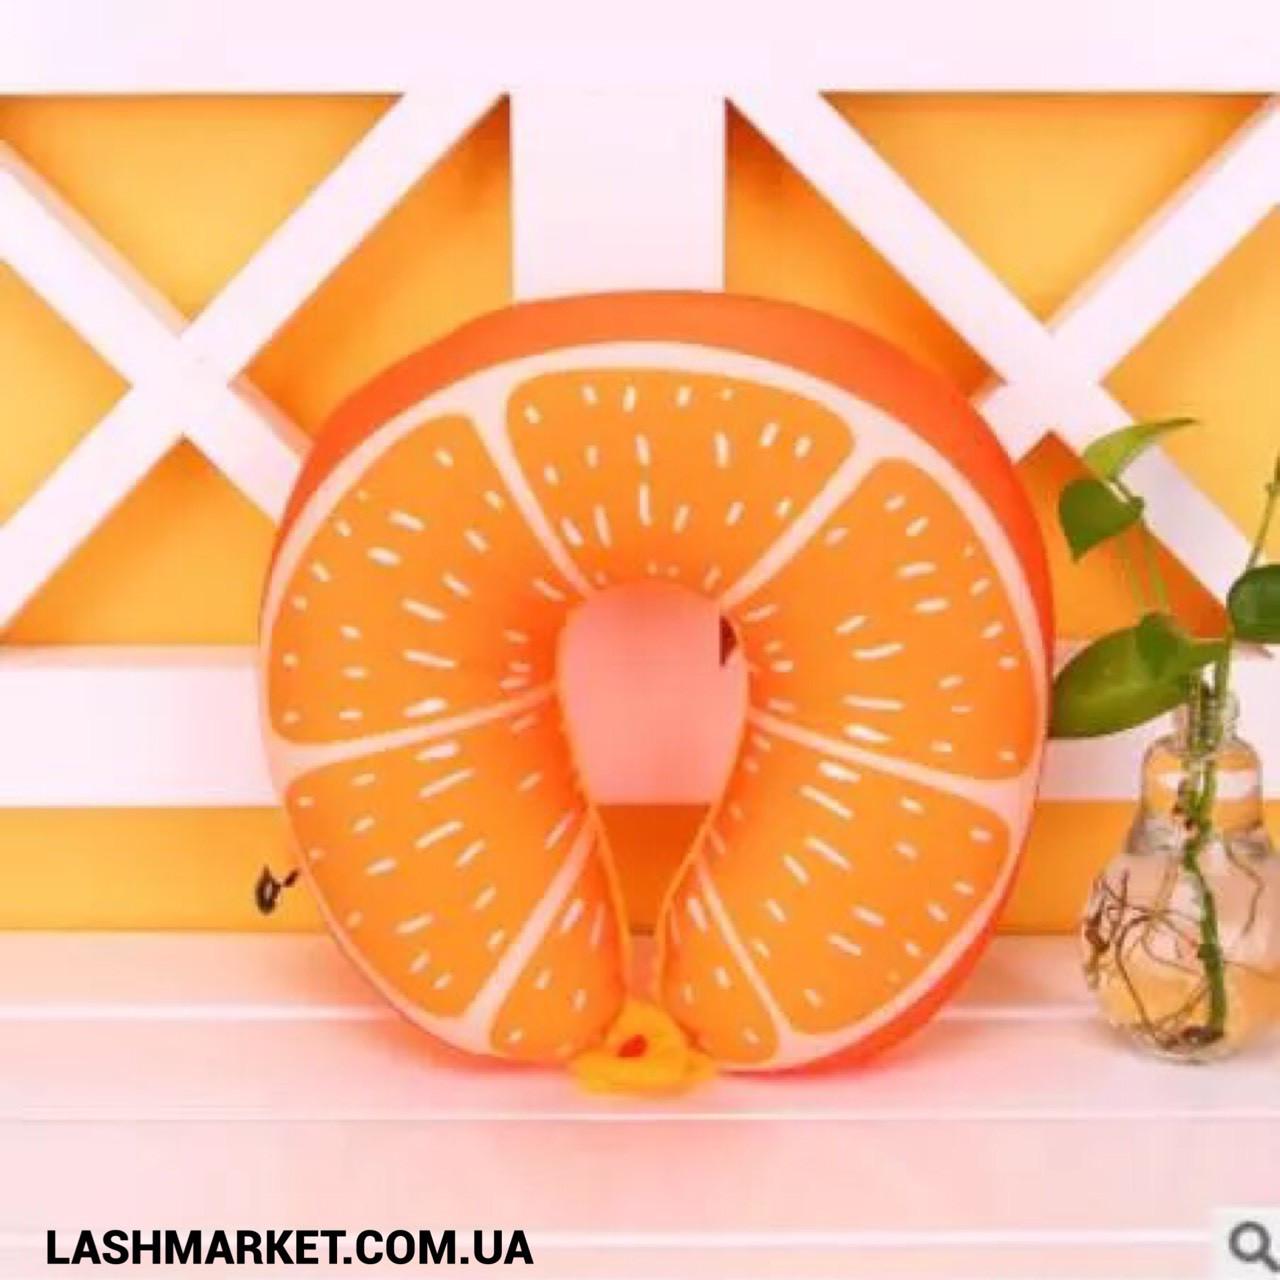 Подушка под голову - подкова (апельсин)